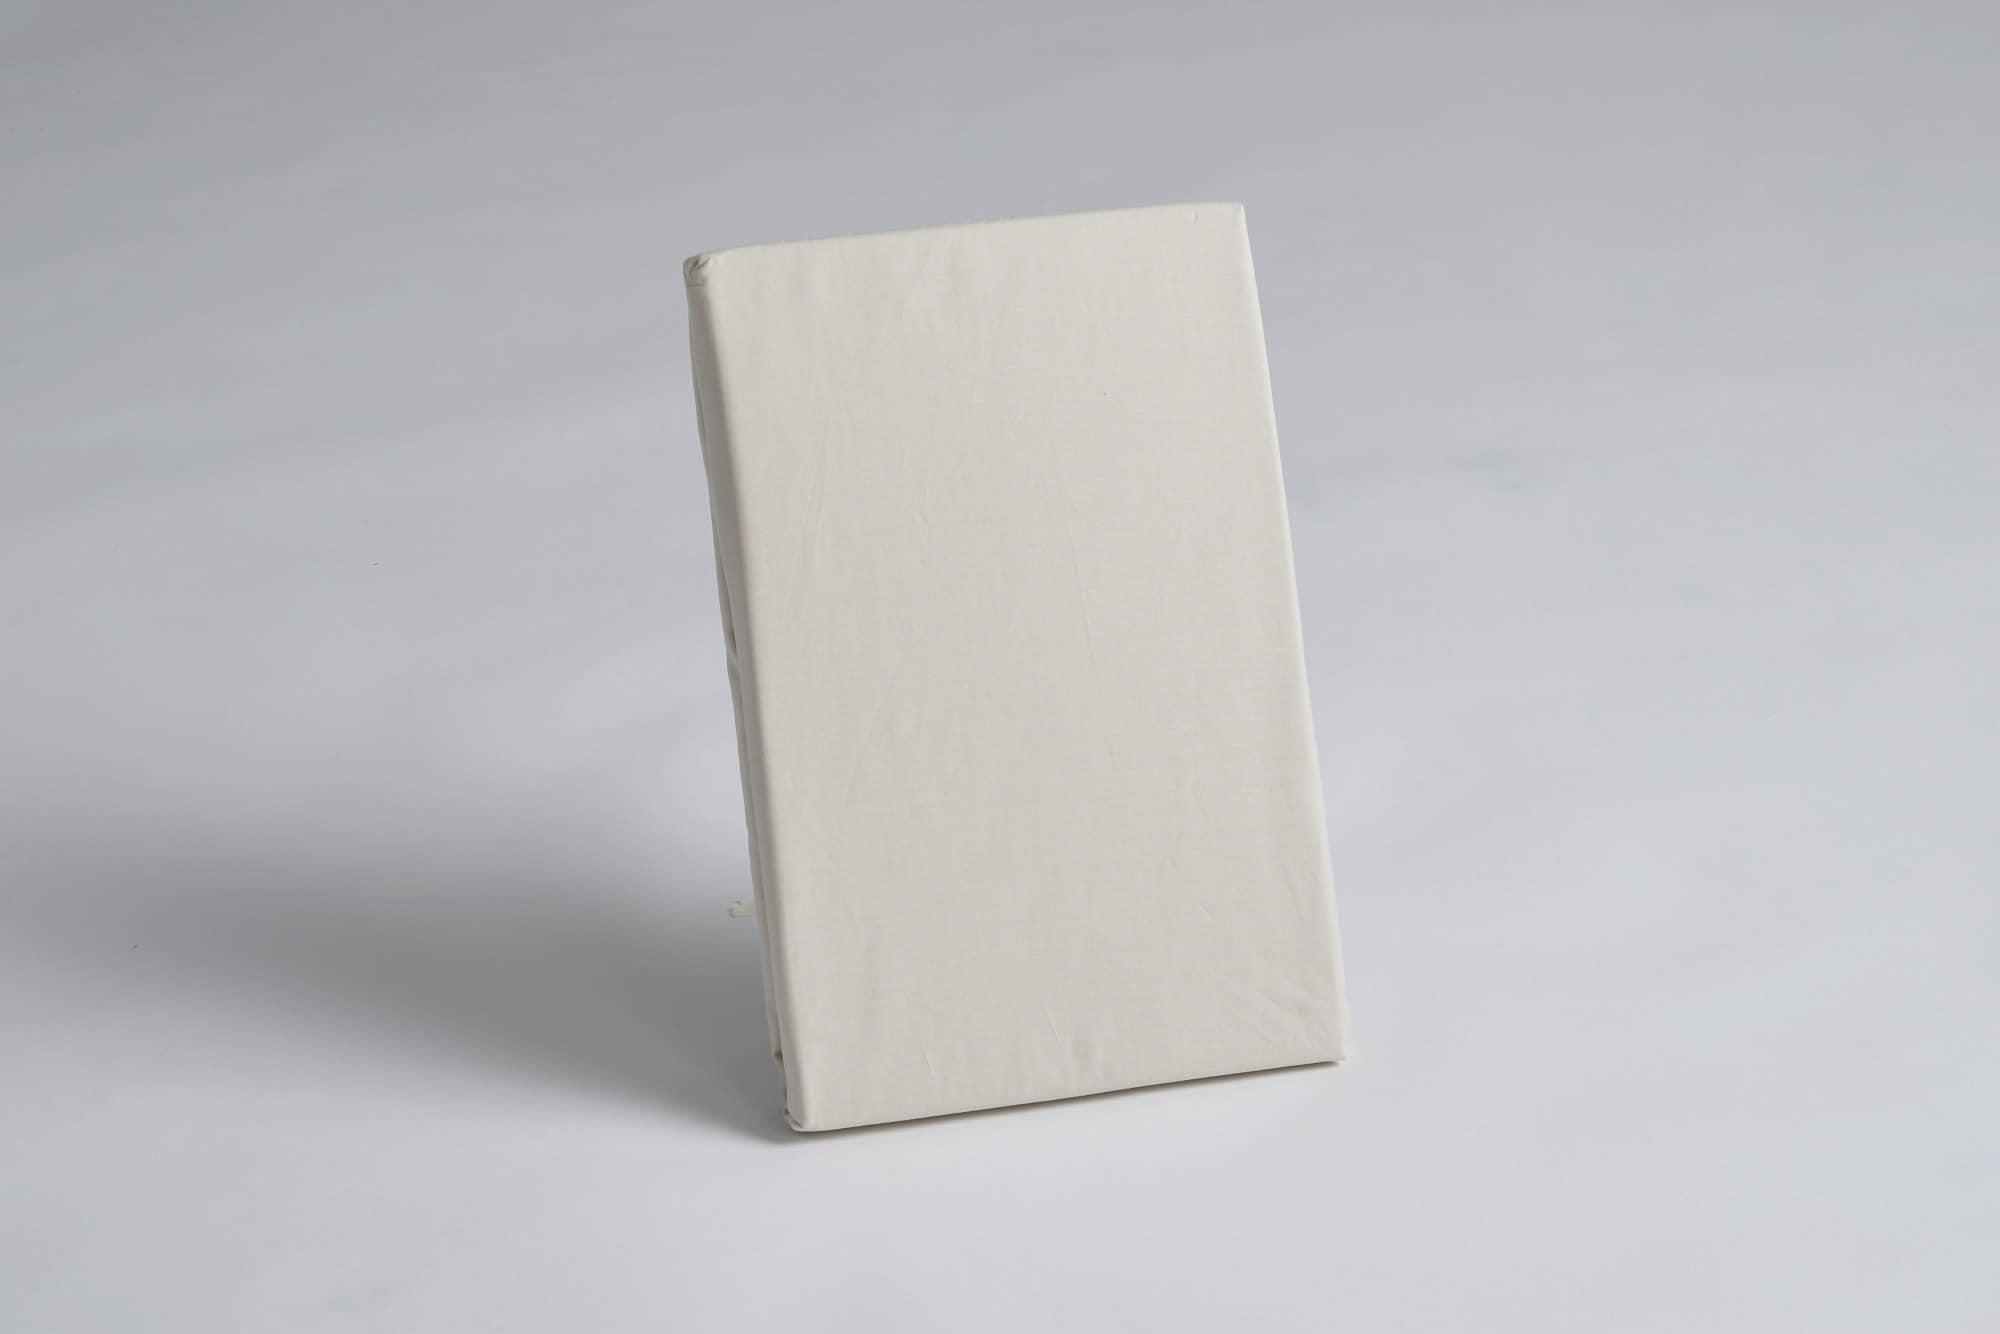 ボックスシーツ ダブル用 45H ナチュラル:《綿100%を使用したボックスシーツ》